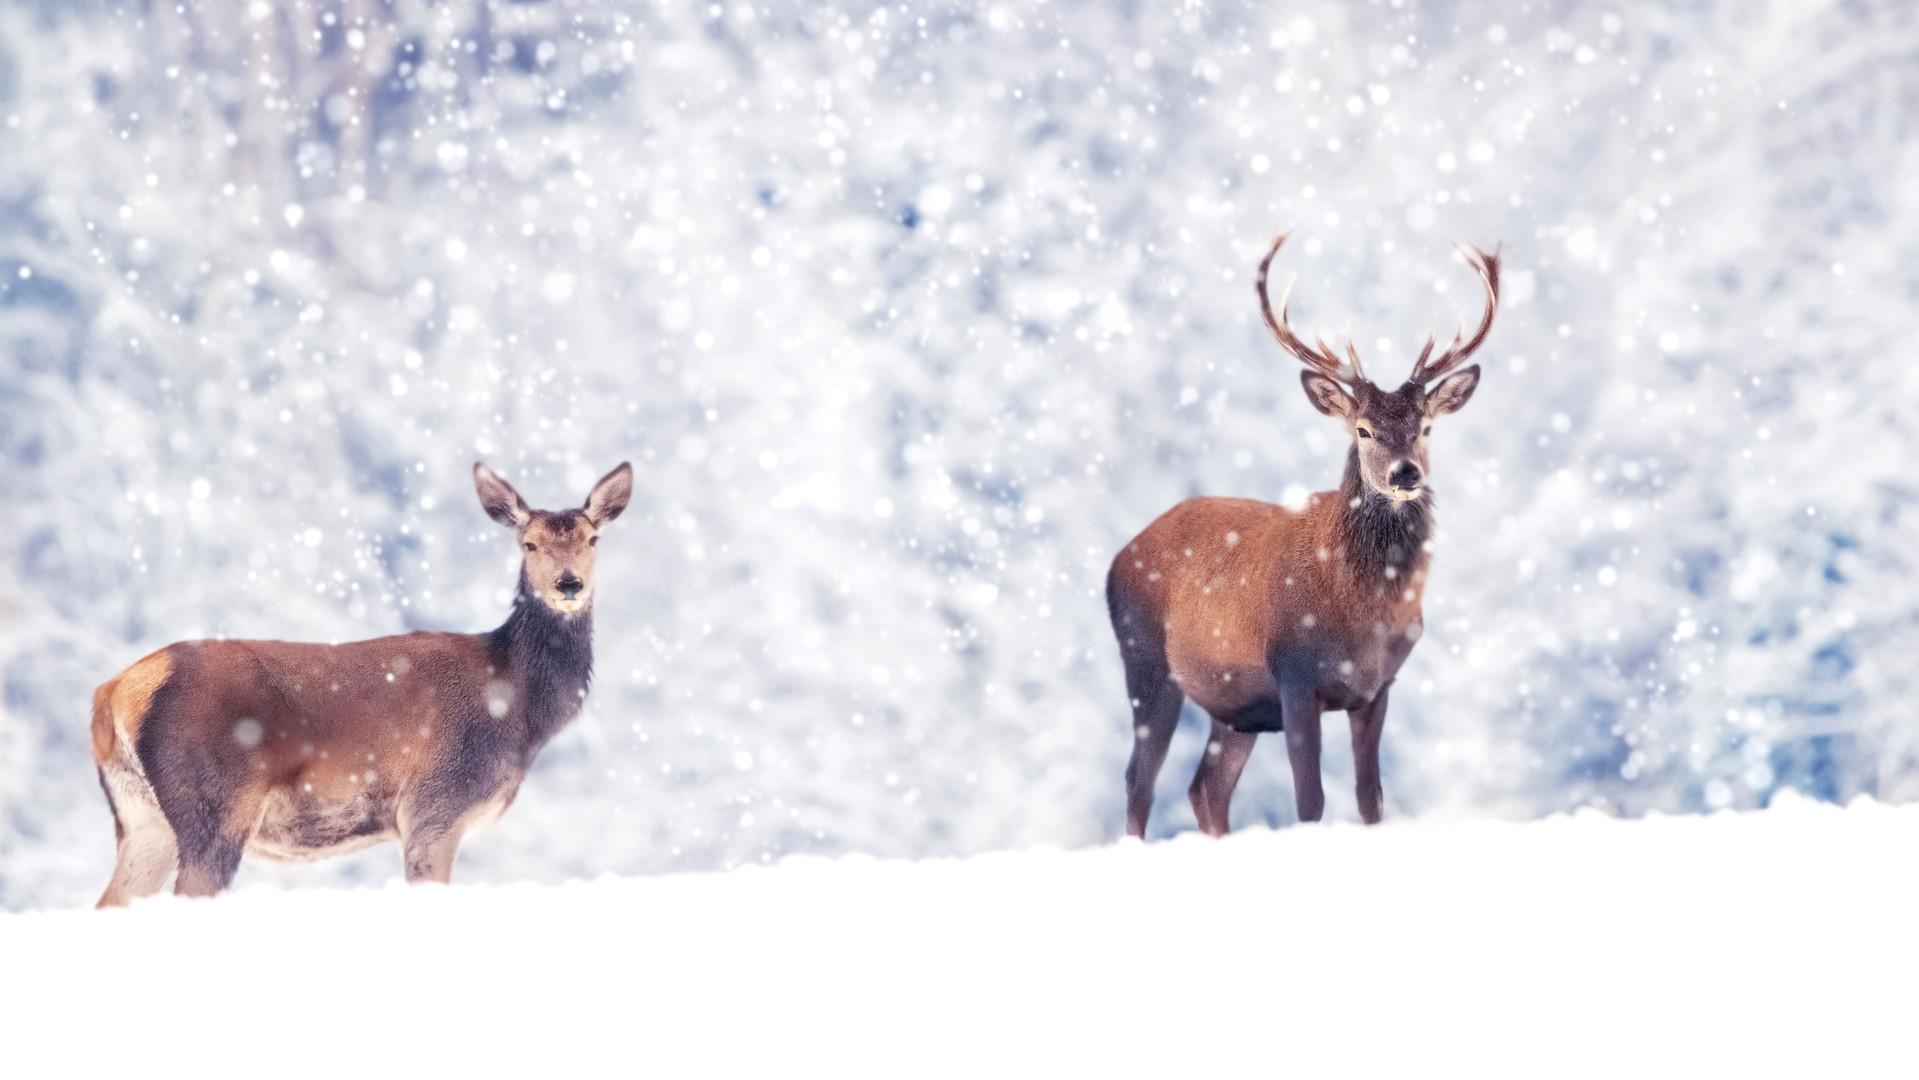 Buck-Snow-iStock-1070670896.jpg